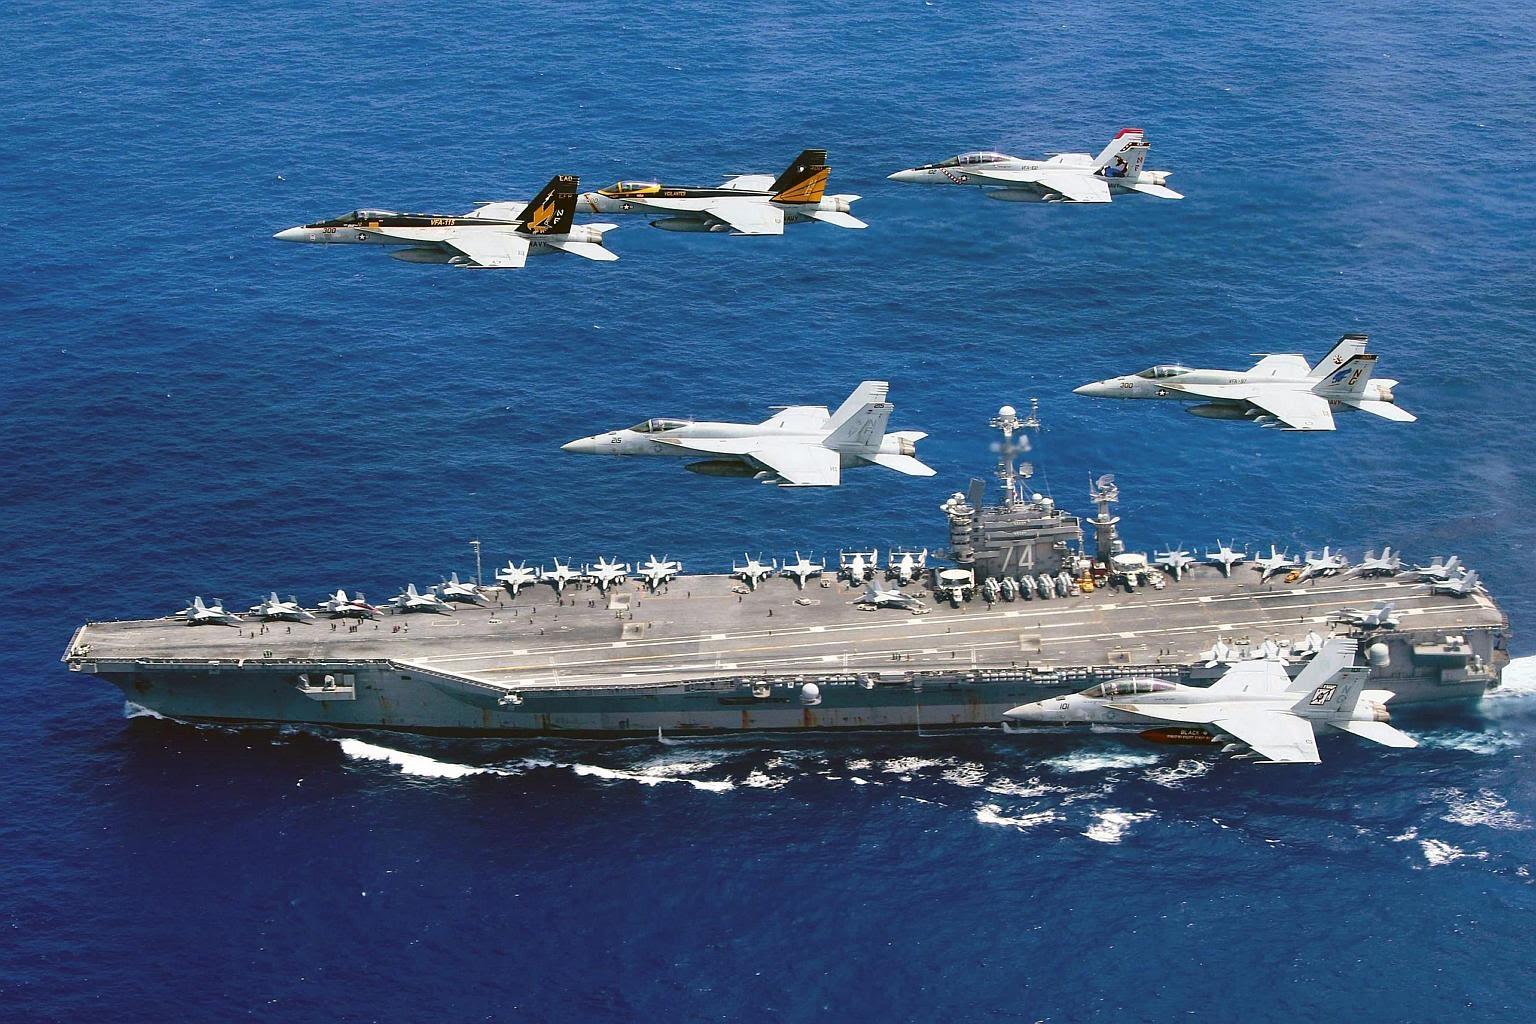 来年度のアメリカ国防予算で3Dプリンターへの投資額が増加